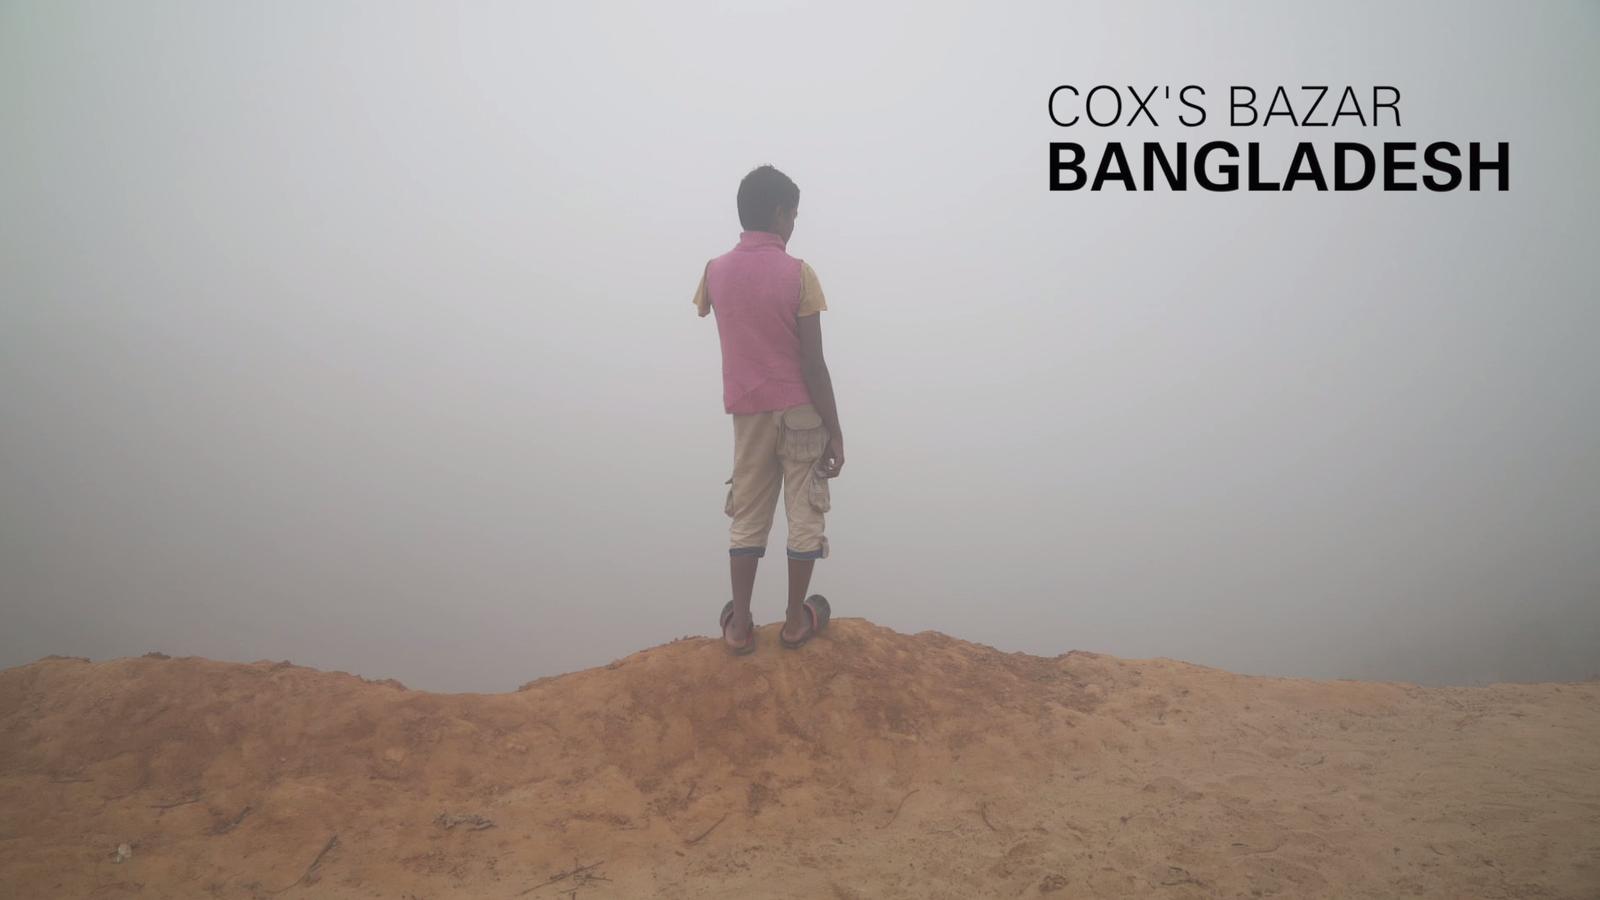 Mohammad Faisal, de 15 anys, va perdre el braç en l'atac dels soldats birmans al seu poble